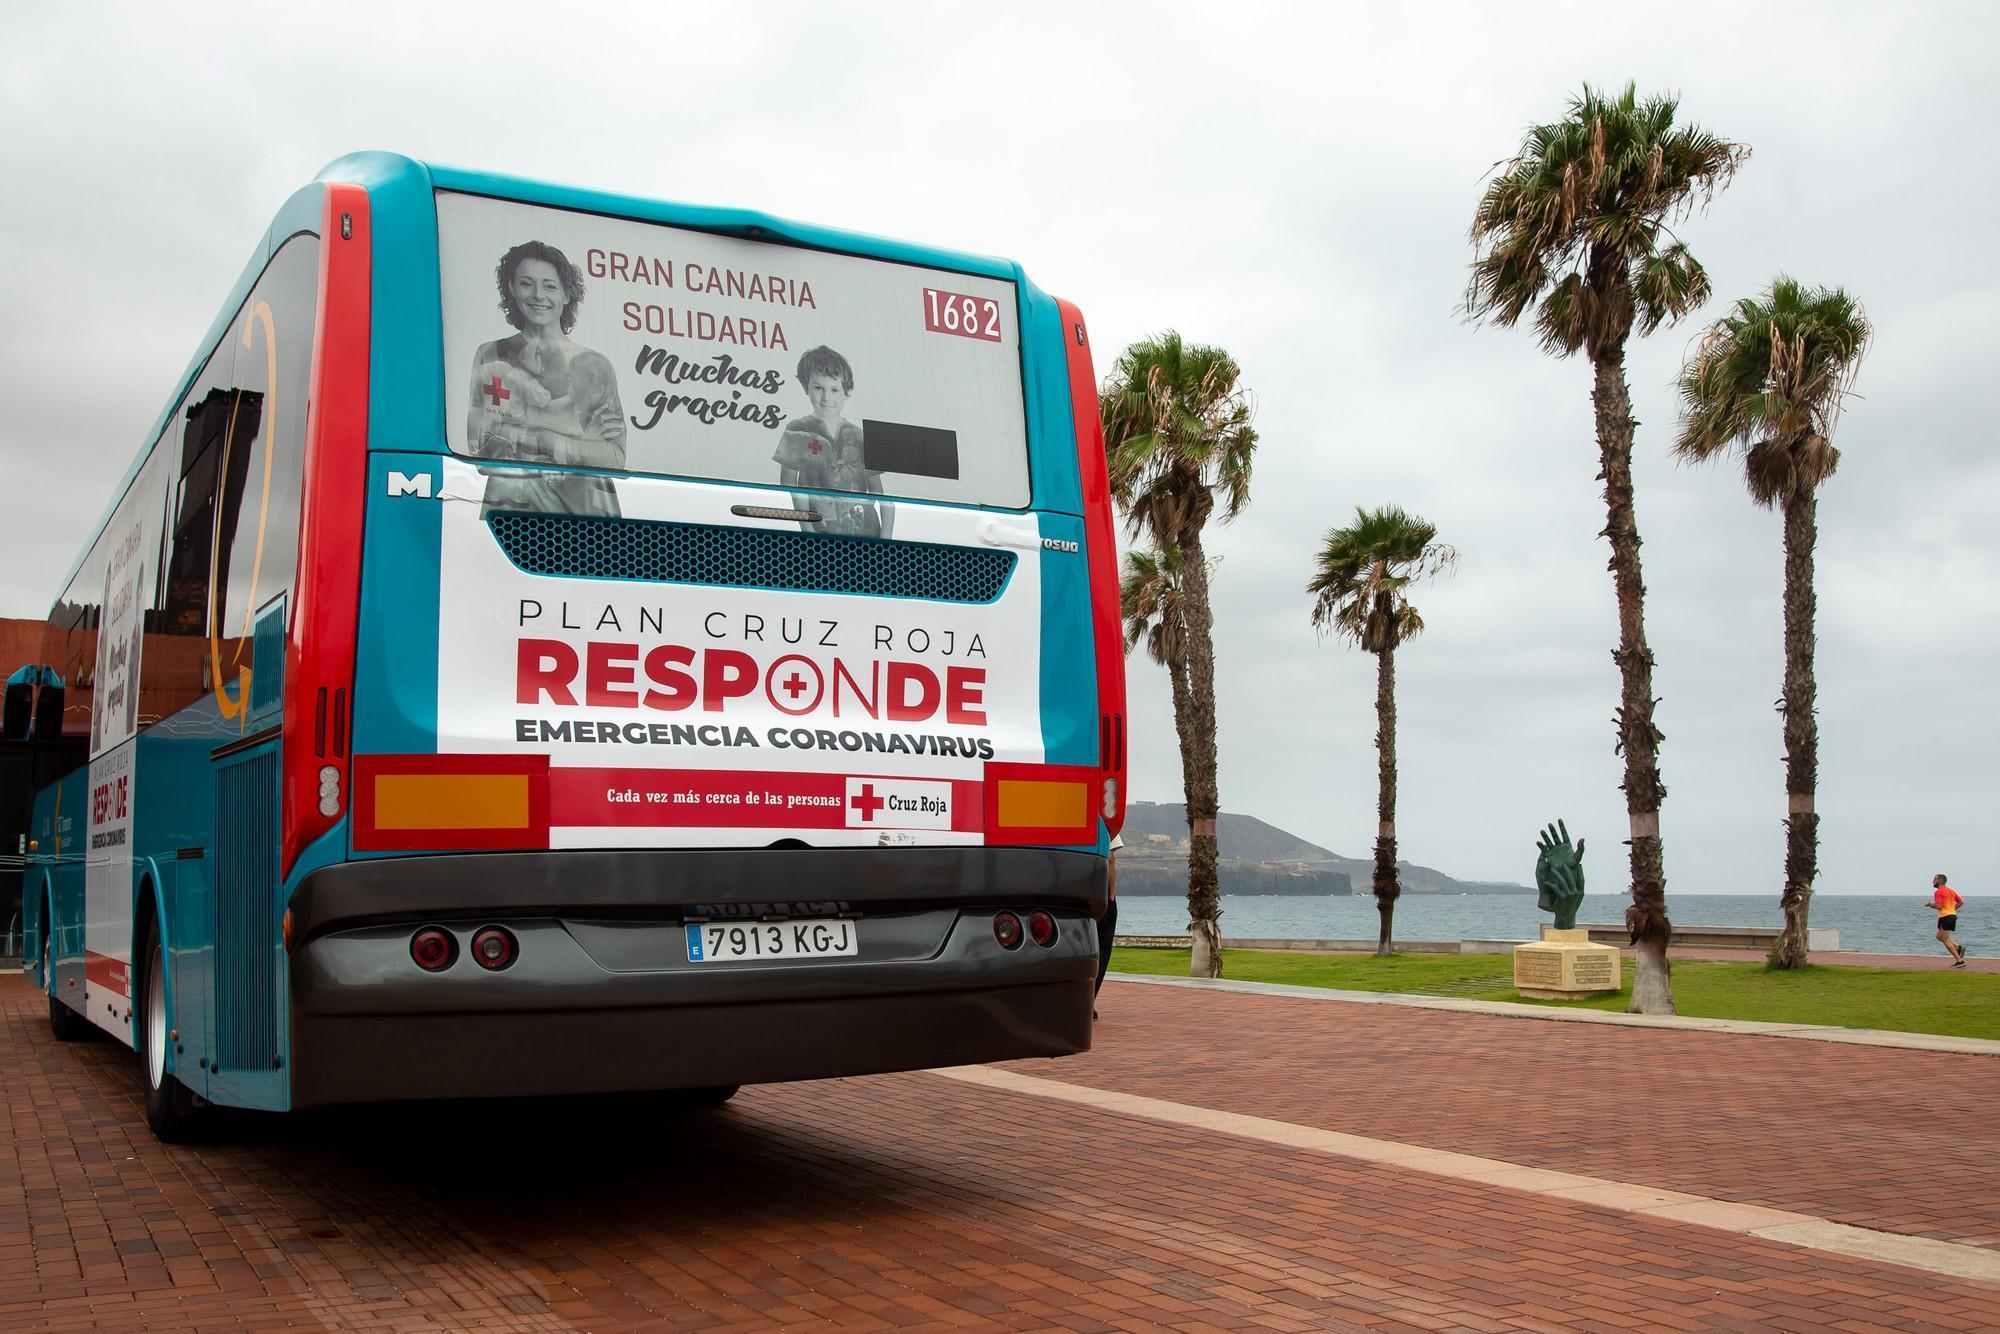 Imagen de la campaña en la parte trasera de una de las guaguas.